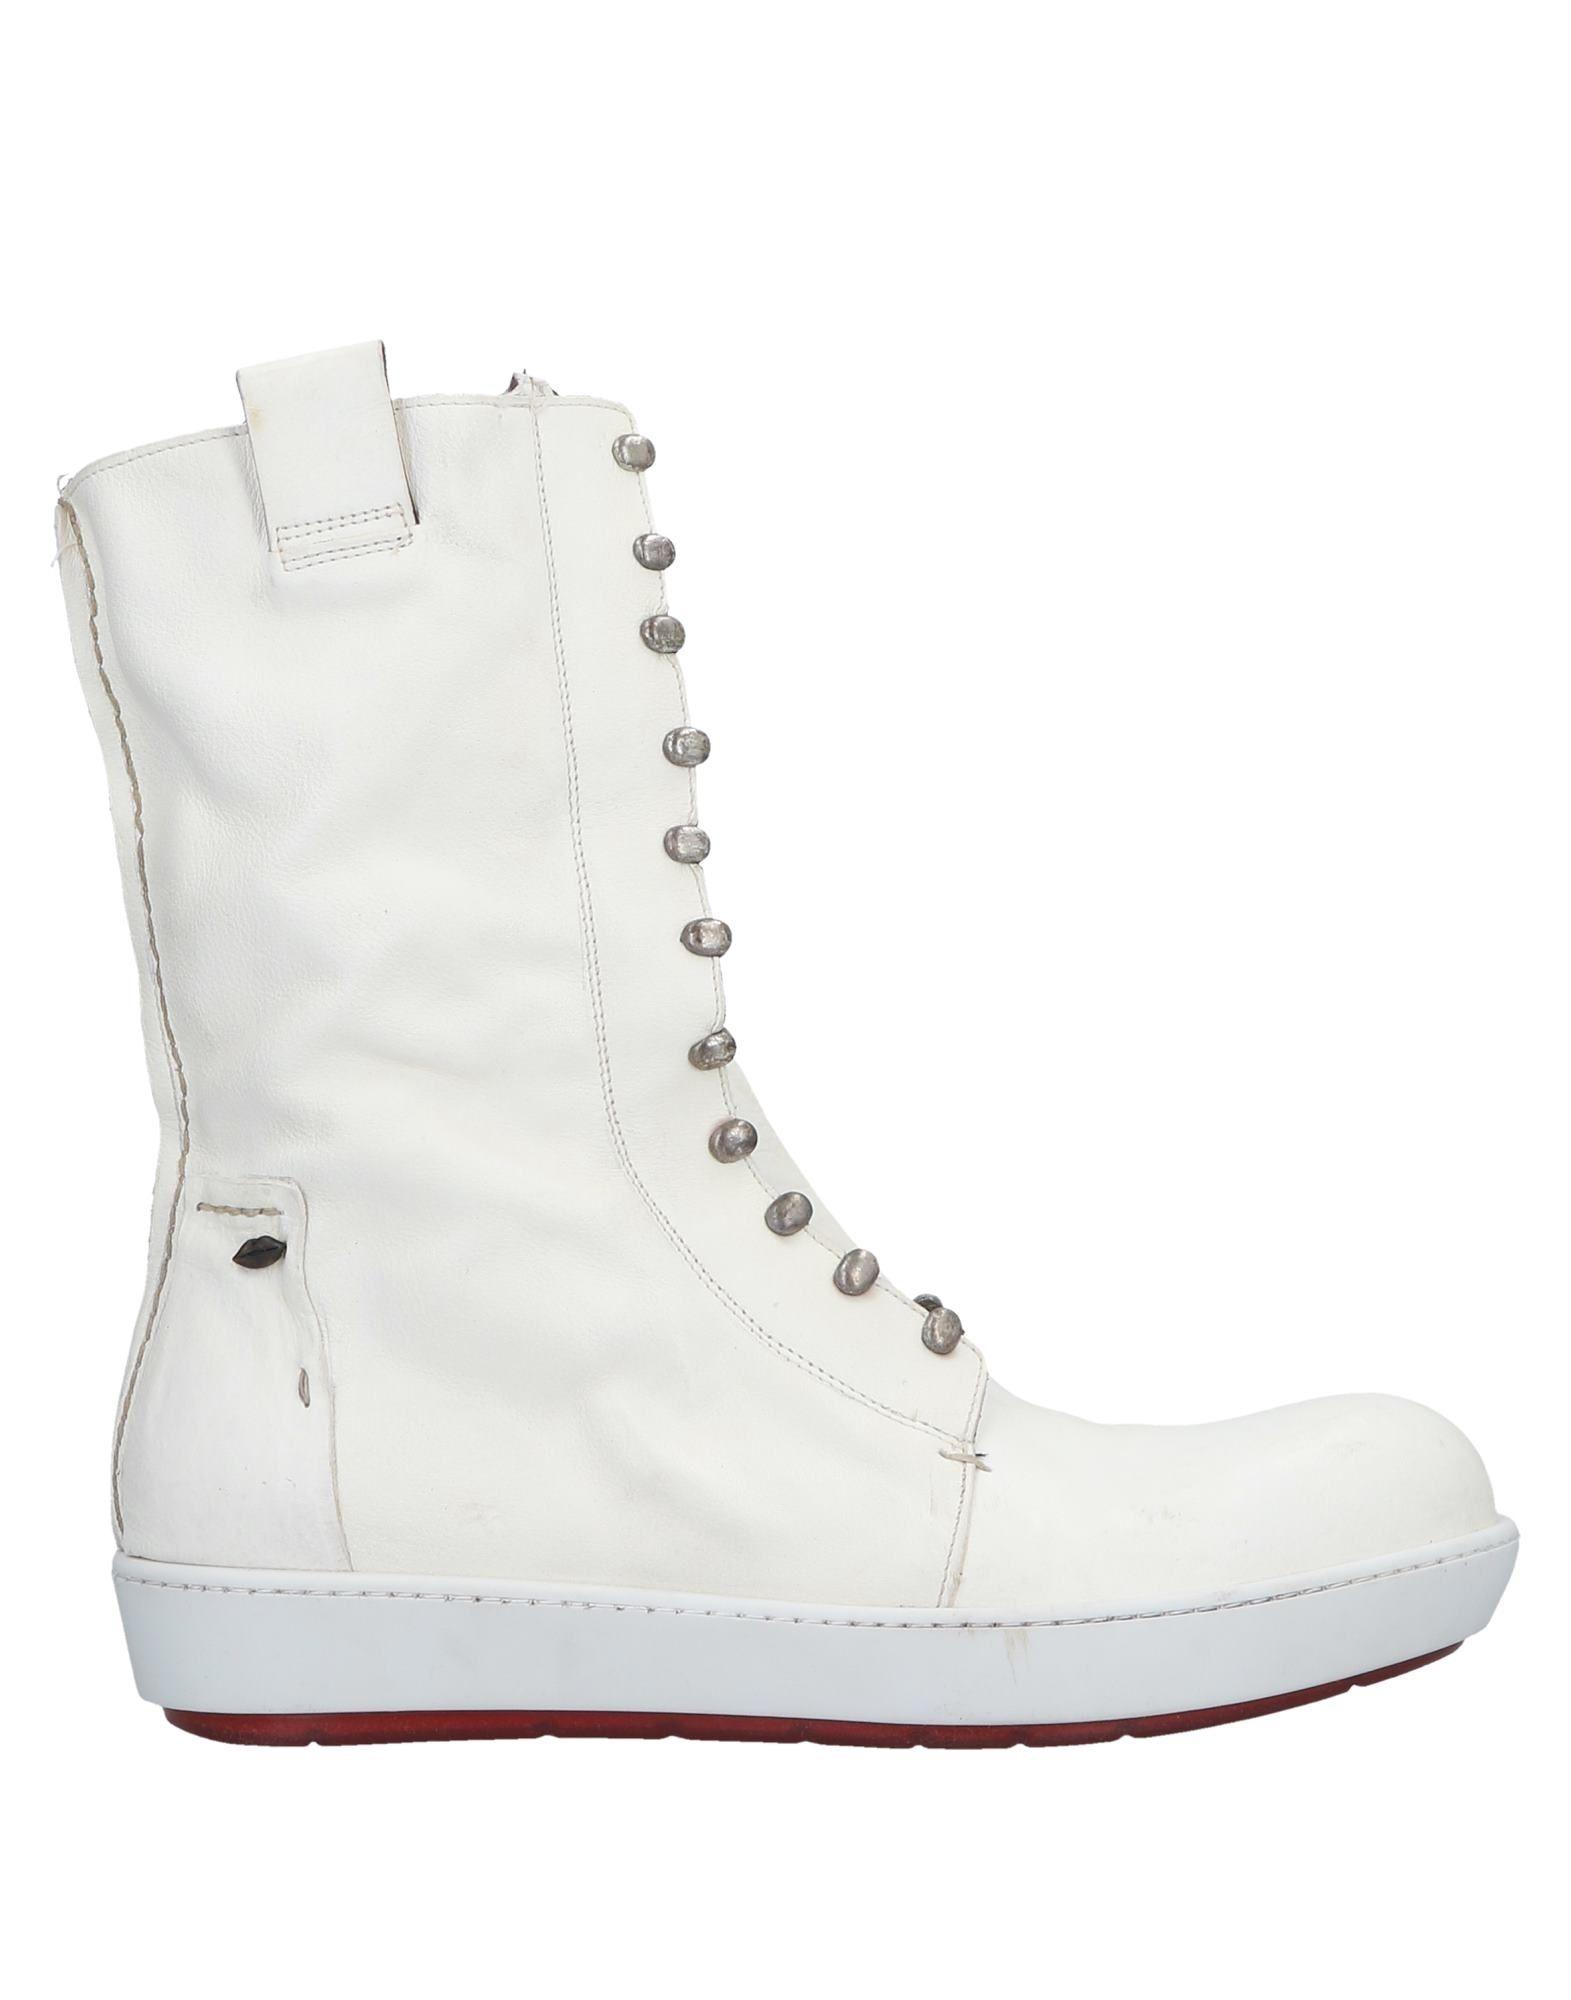 Tom Rebl Stiefelette Herren  11516308GF Gute Qualität beliebte Schuhe